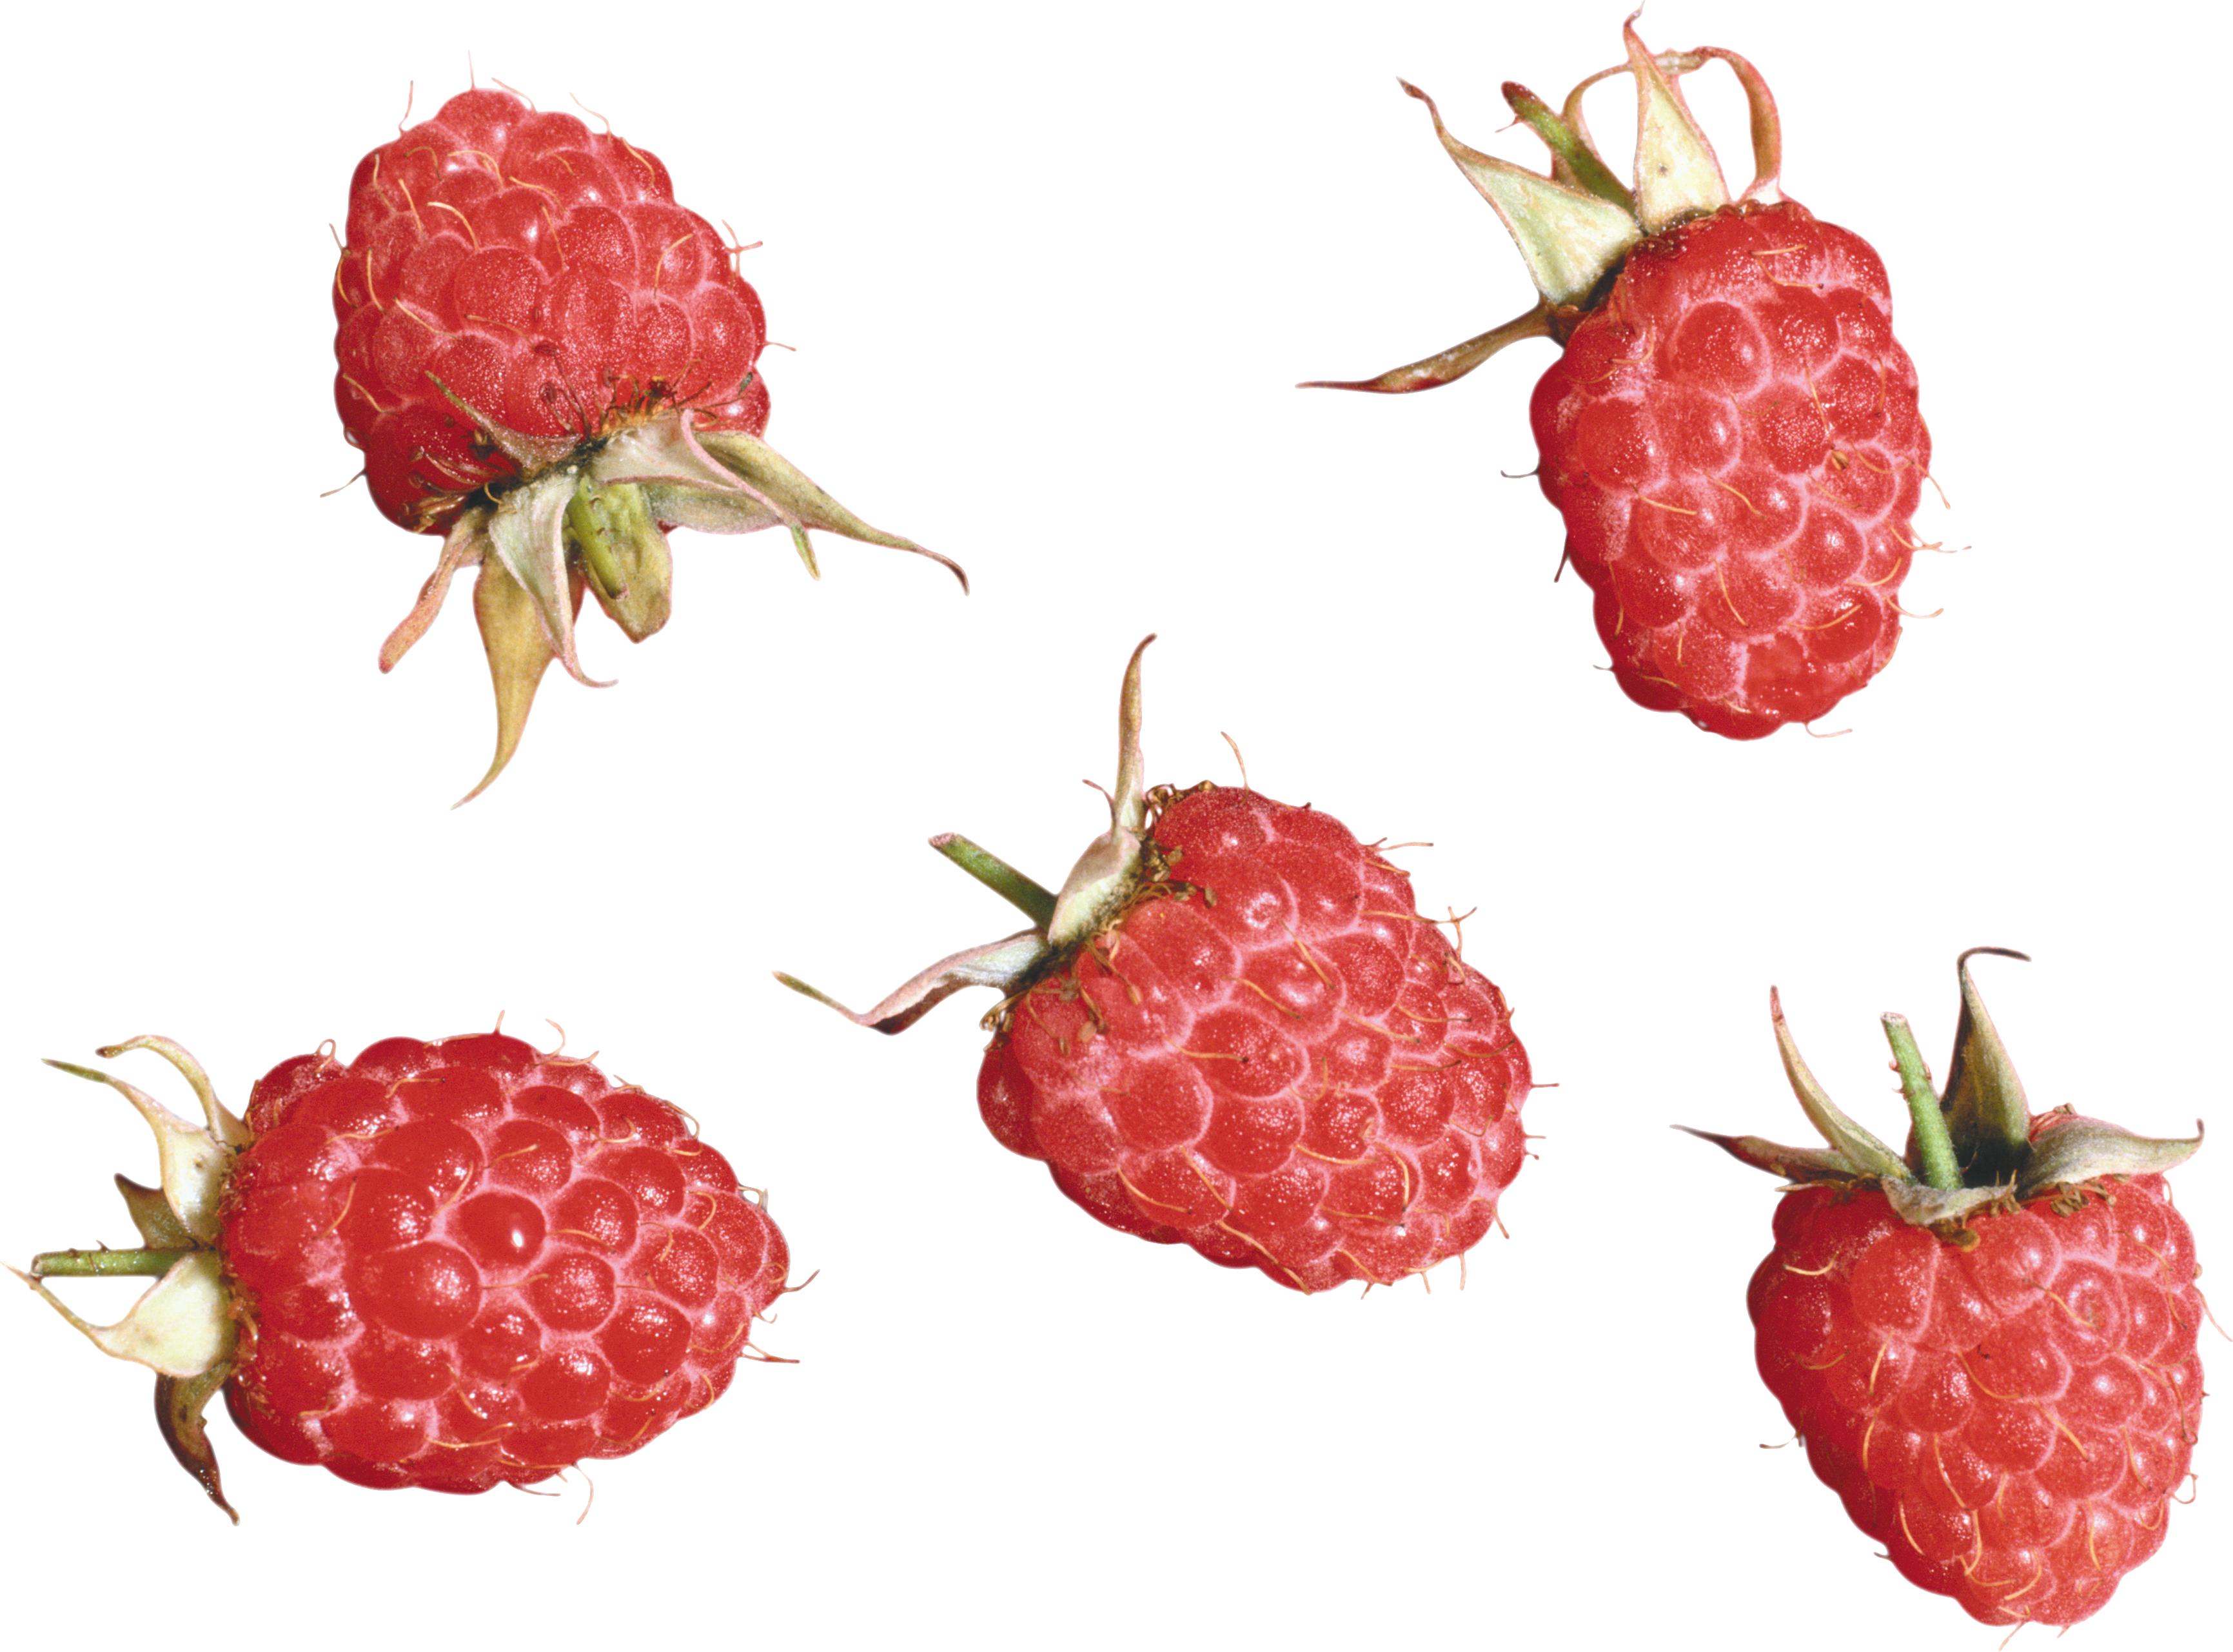 Rasberrys PNG Image